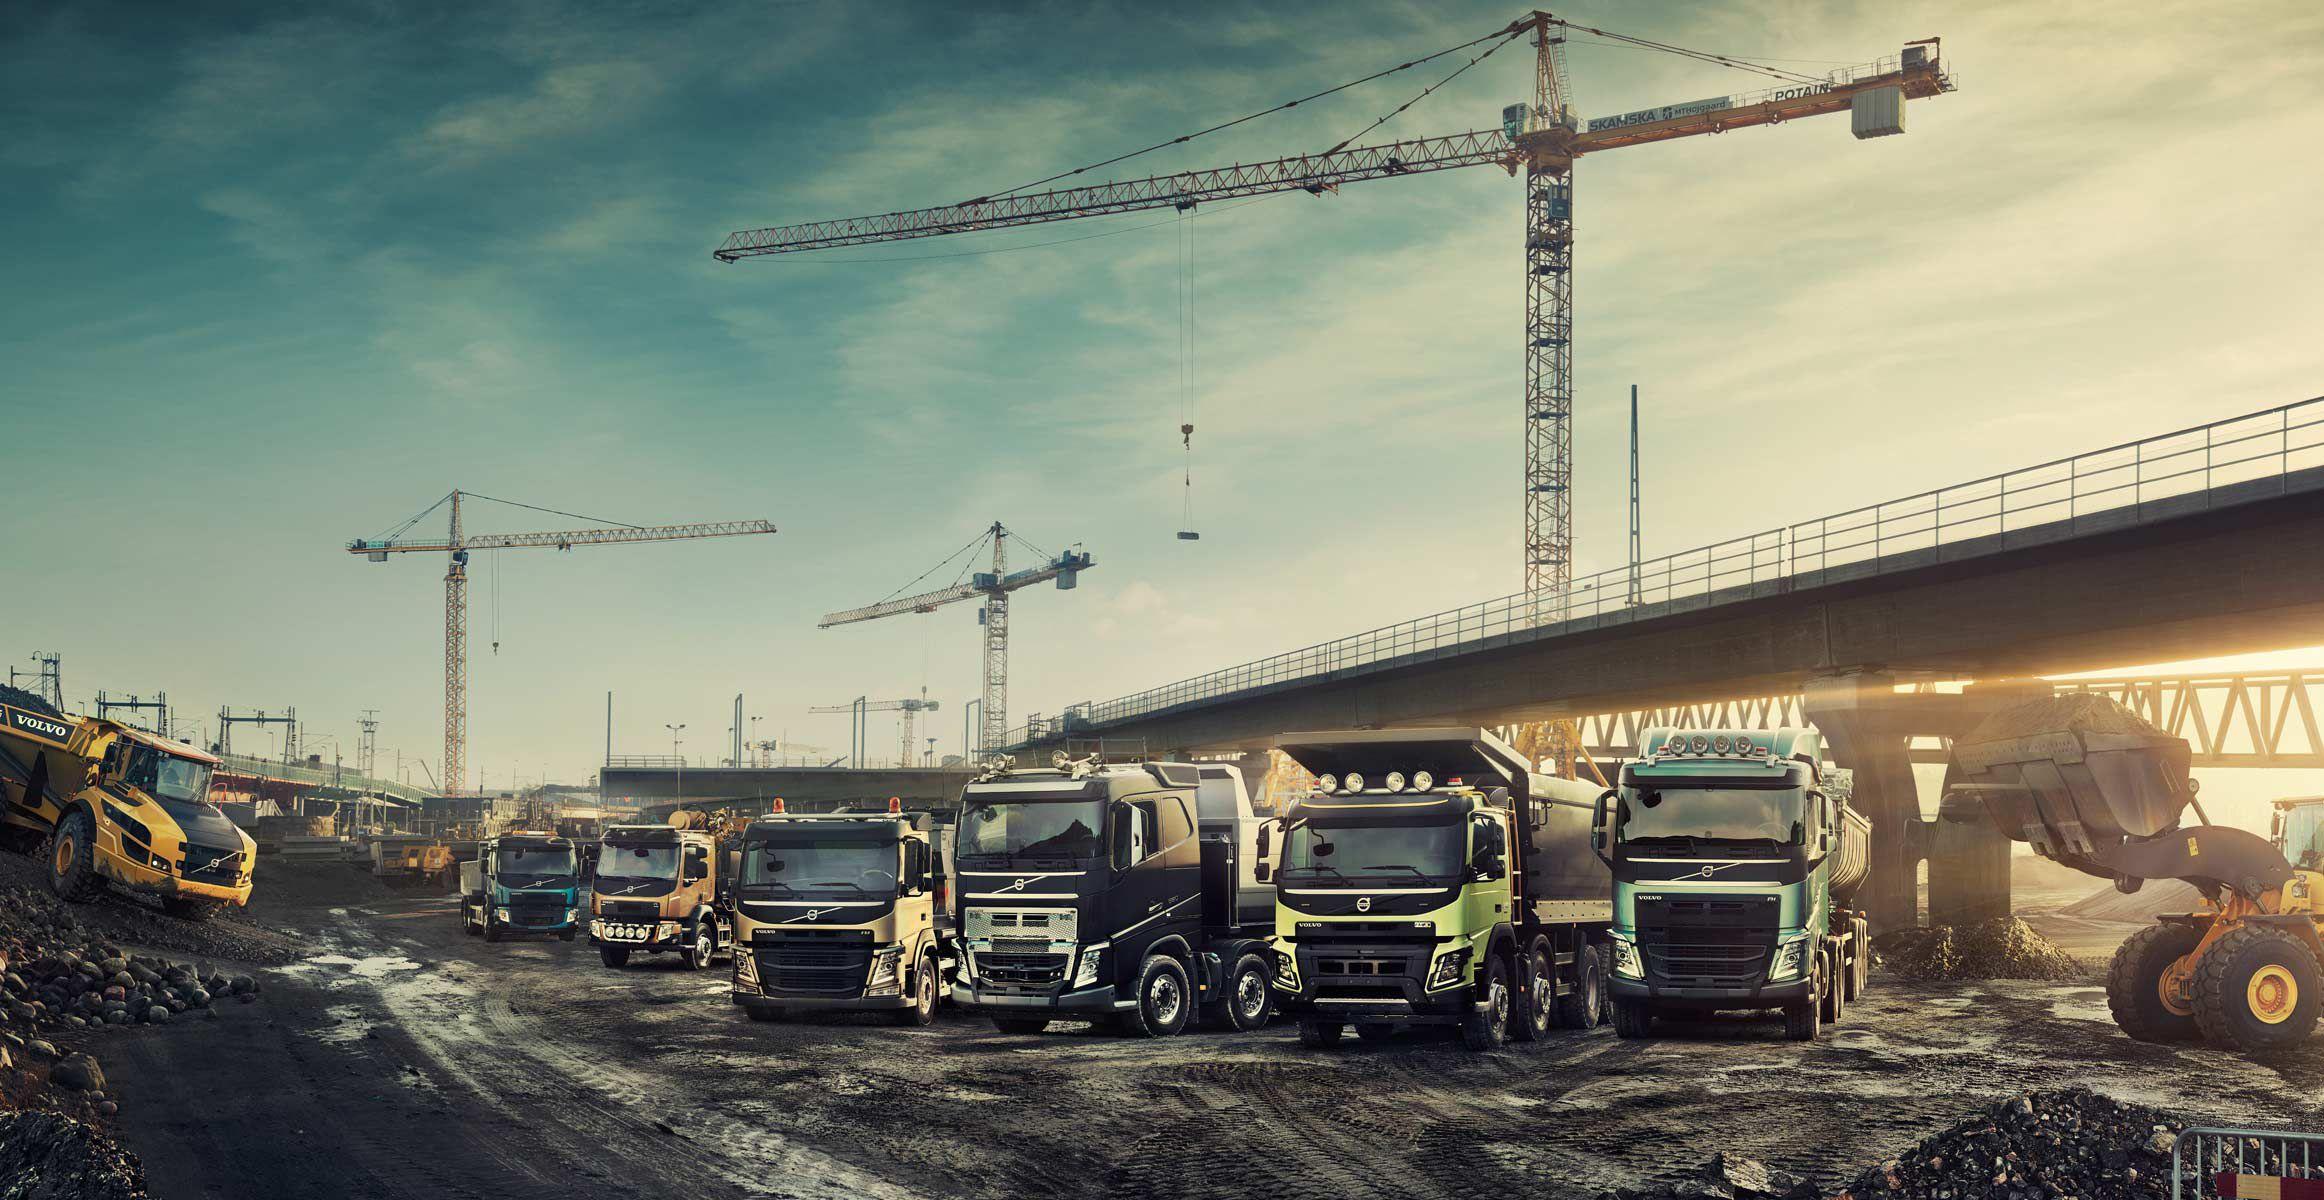 Six véhicules Volvo alignés sur un chantier sous un pont à côté de deux chargeuses sur pneus